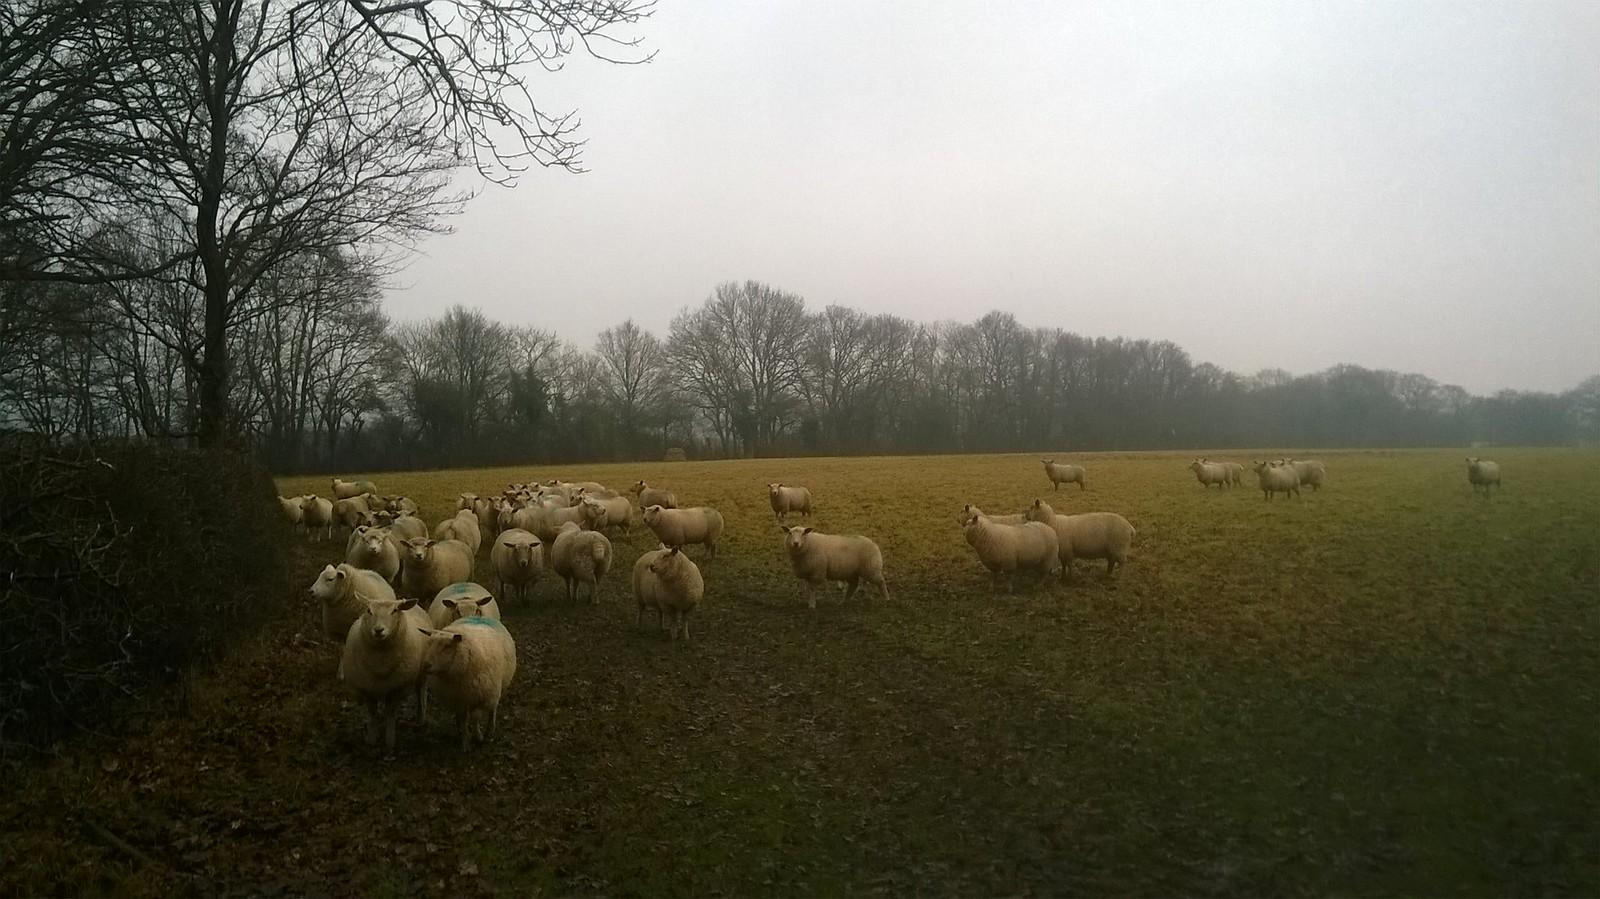 Sociable sheep